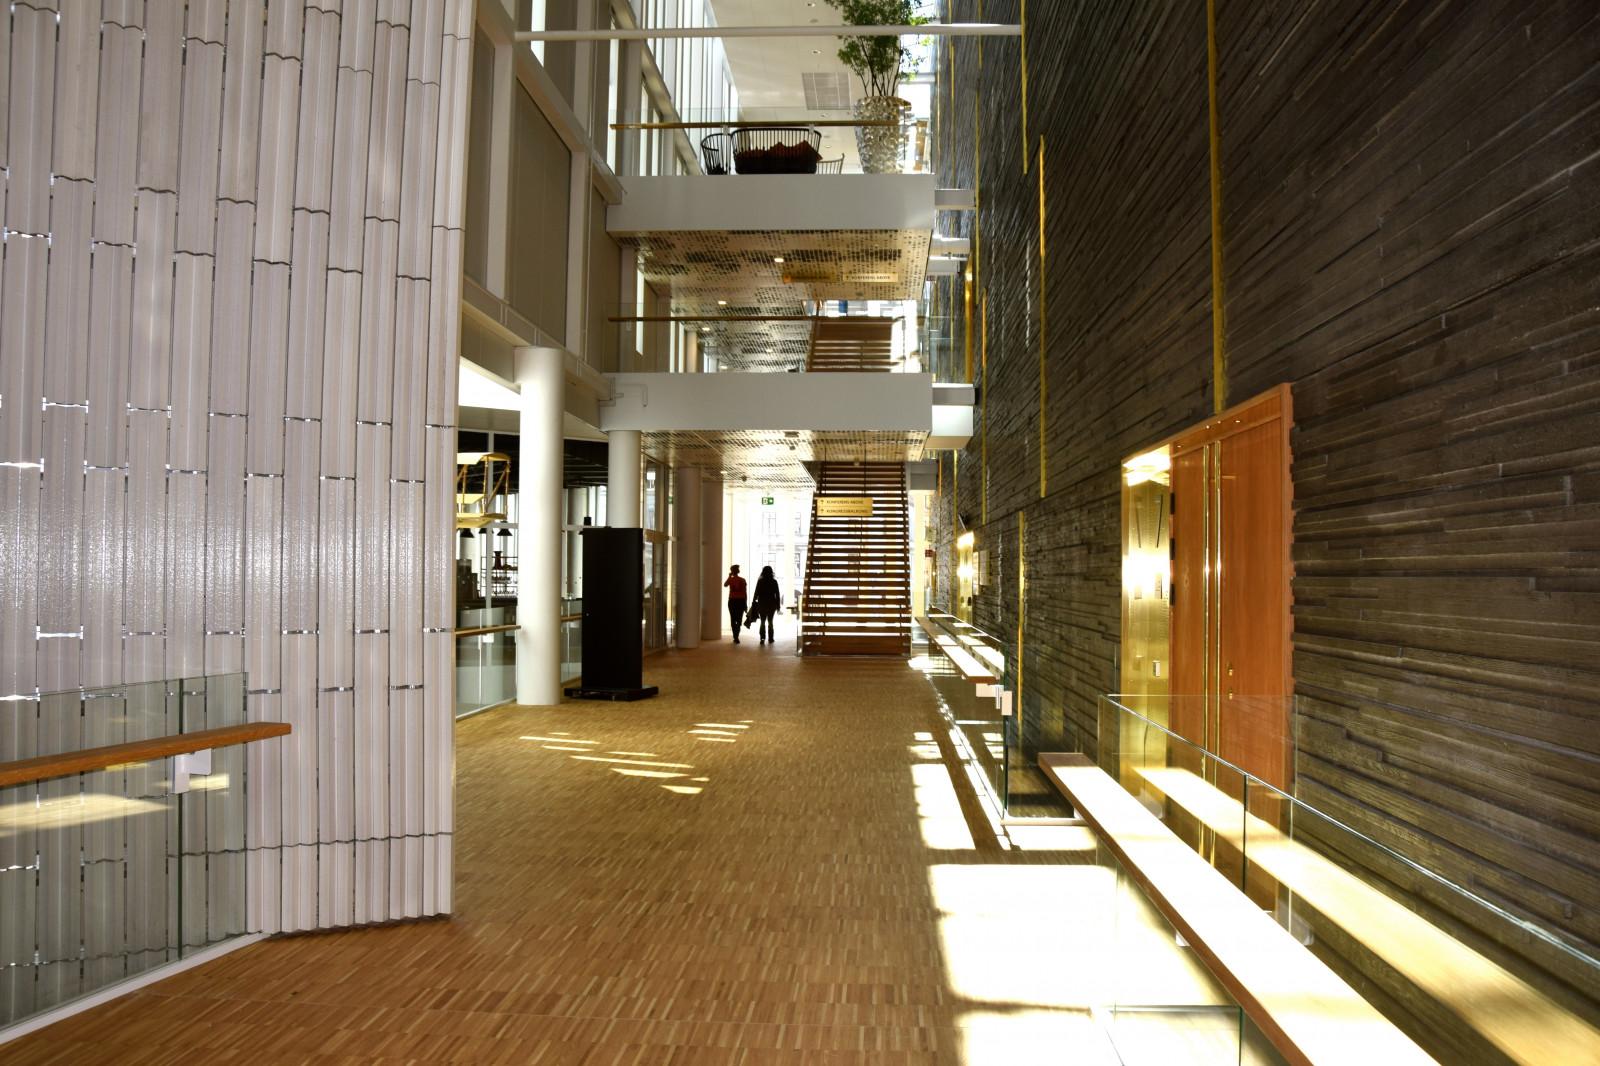 Hintergrundbilder die architektur himmel holz haus for Halle innenarchitektur